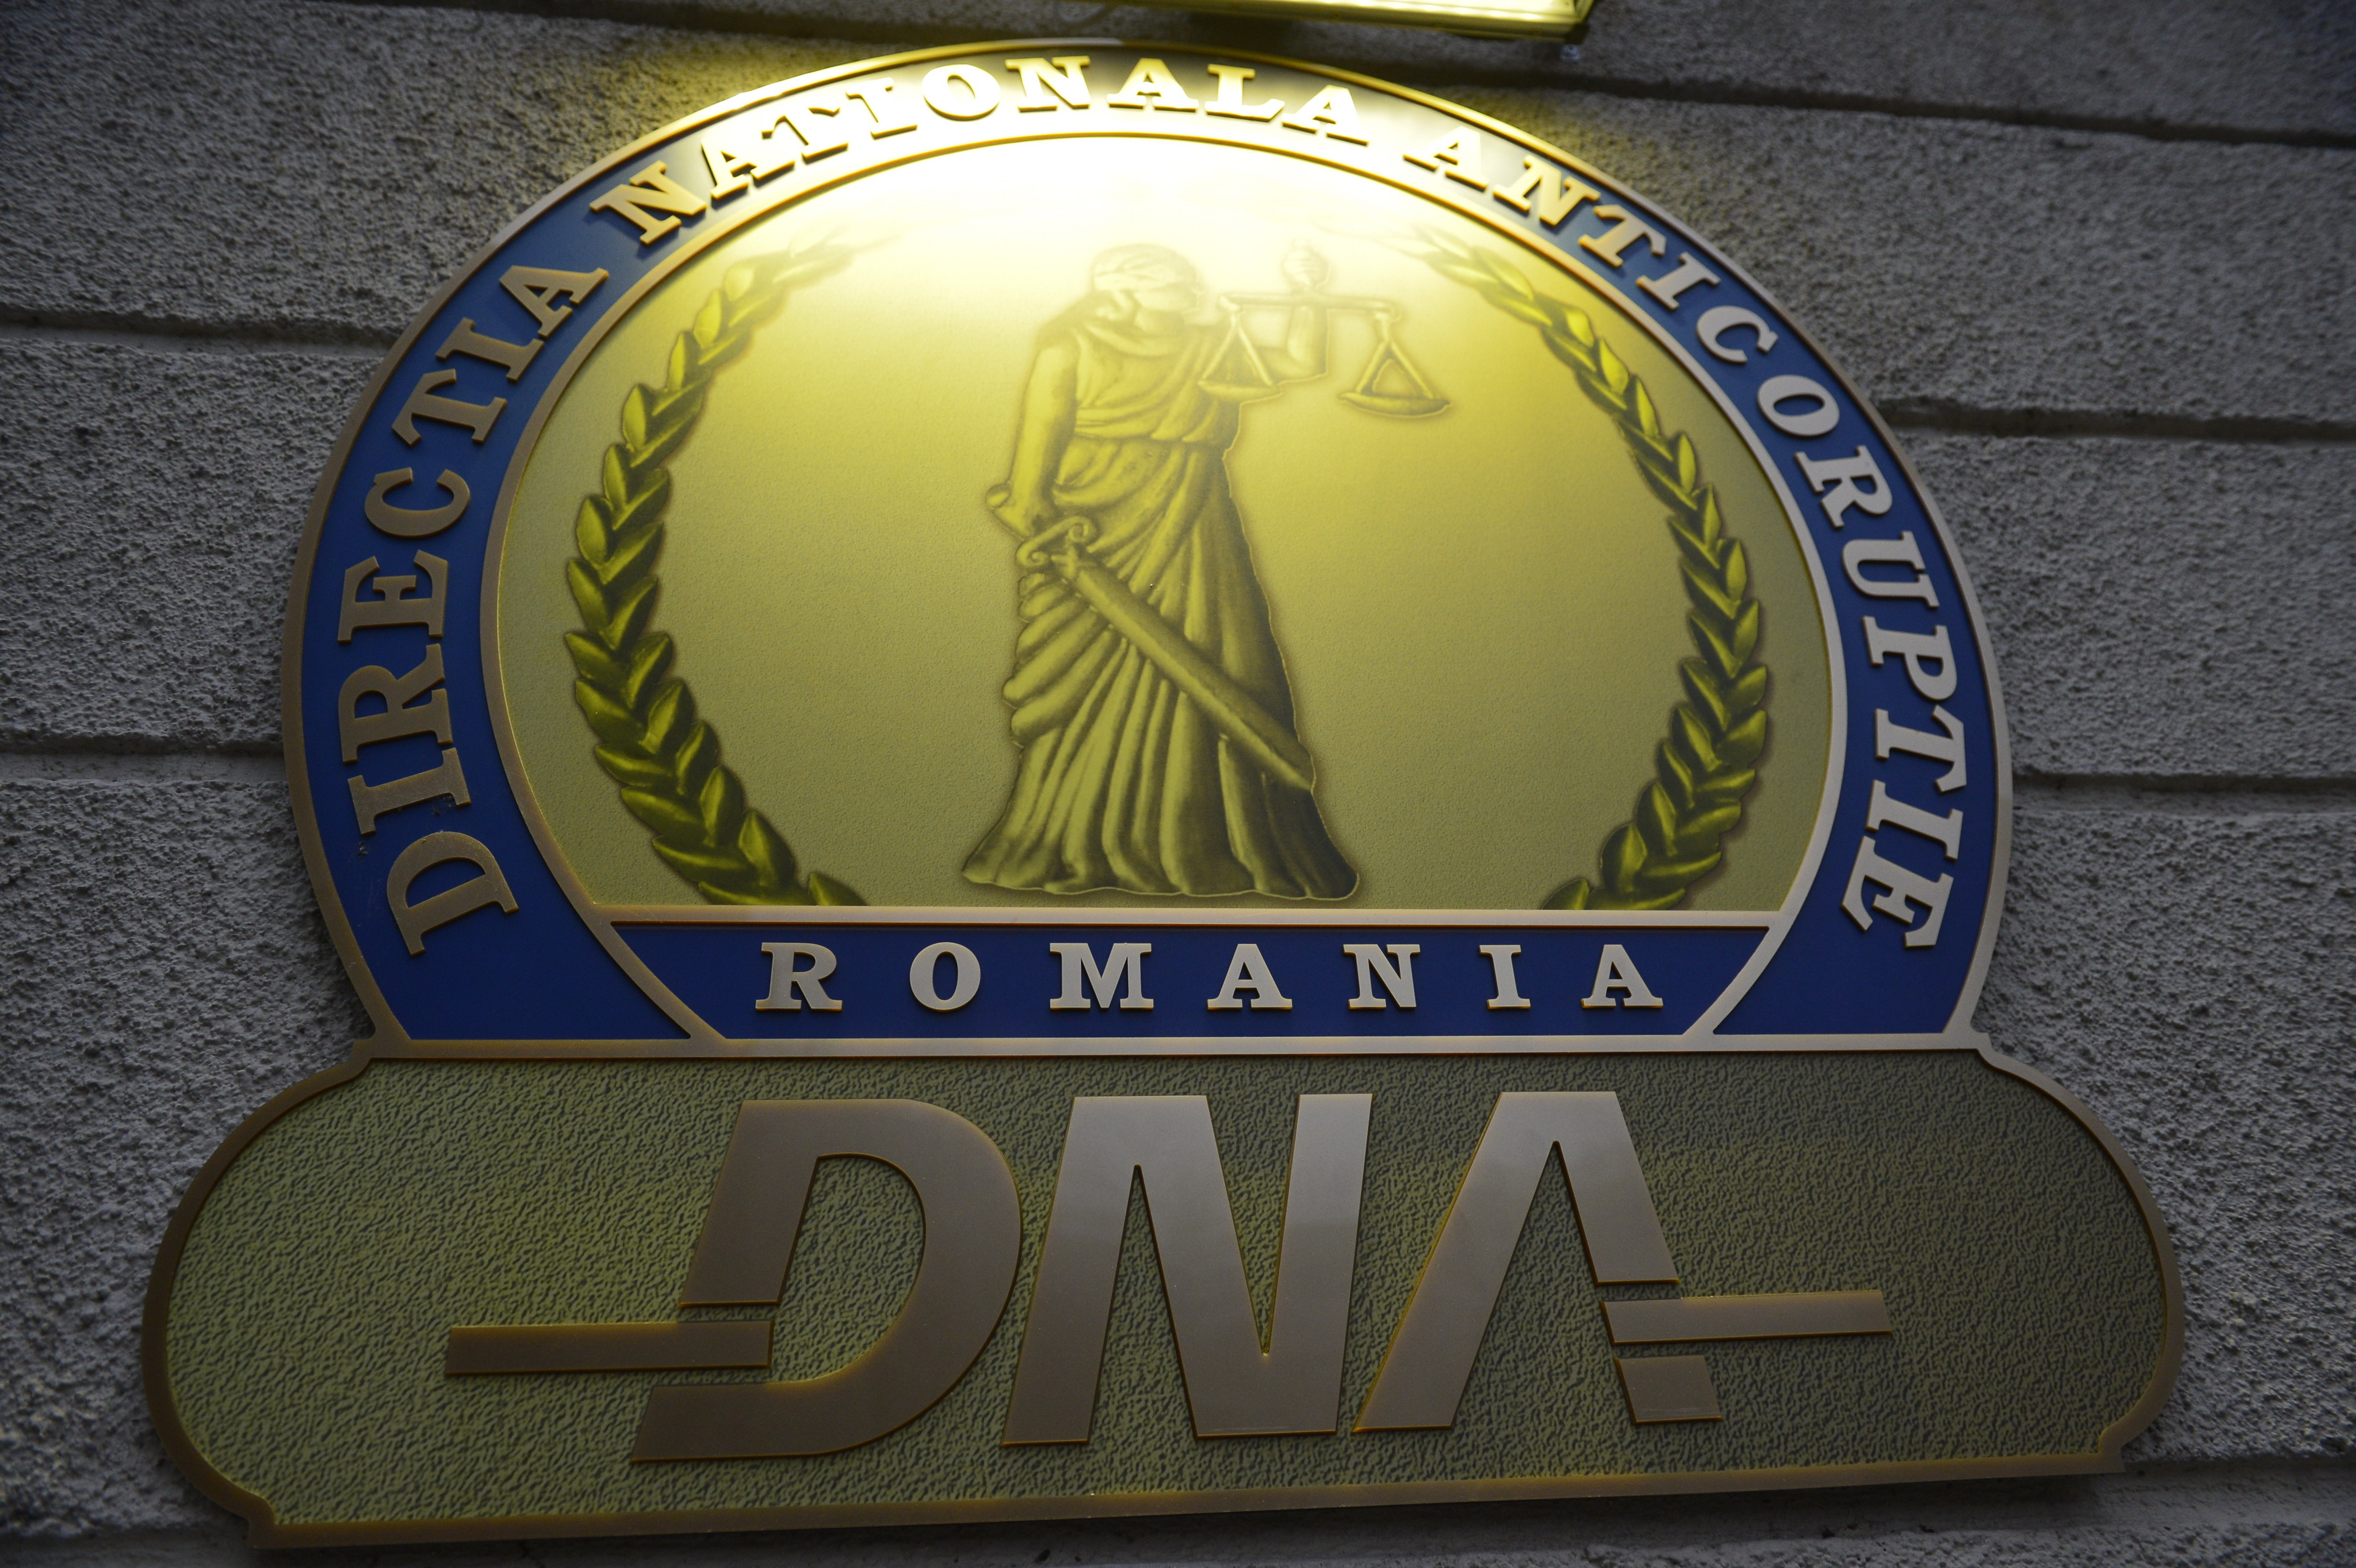 Kovesi, despre şeful Inspecţiei Judiciare, instituţie ce a controlat DNA: A făcut parte din masonerie, dar n-a trecut în declaraţia de interese